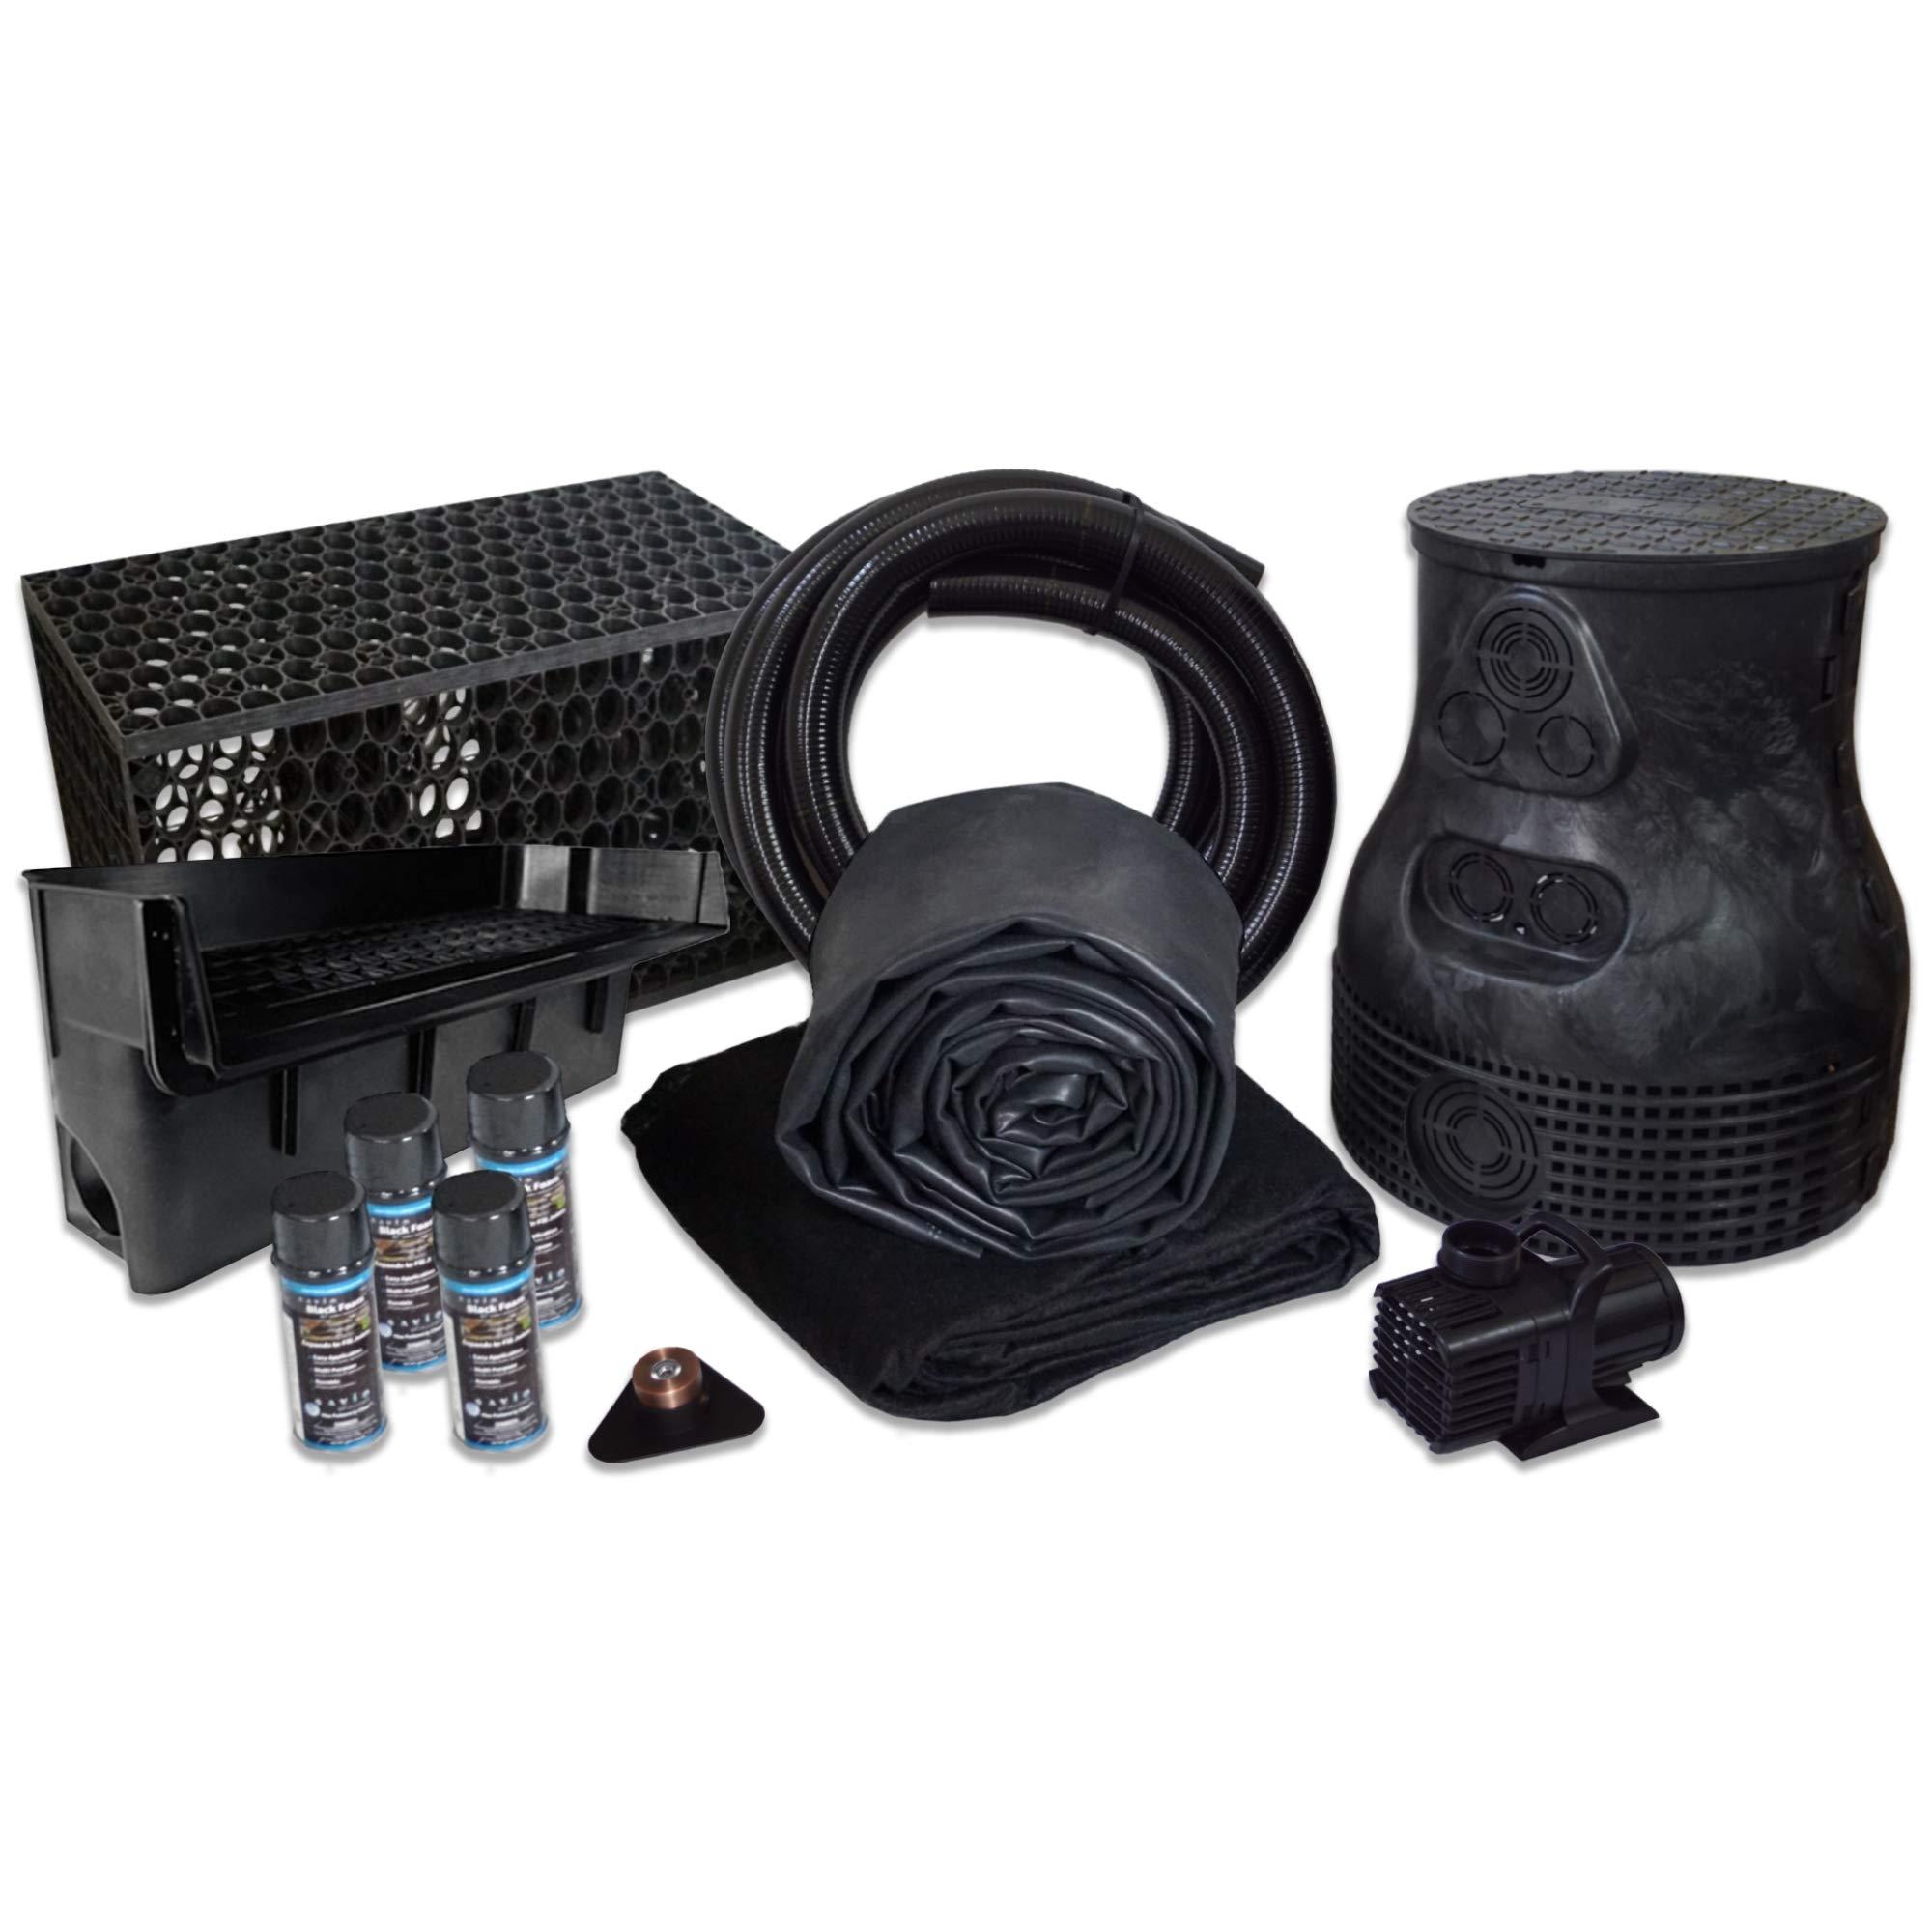 HALF OFF PONDS 10' x 30' Savio Pond Free 6100 EPDM Waterfall Kit w/MatrixBlox - PLSB4